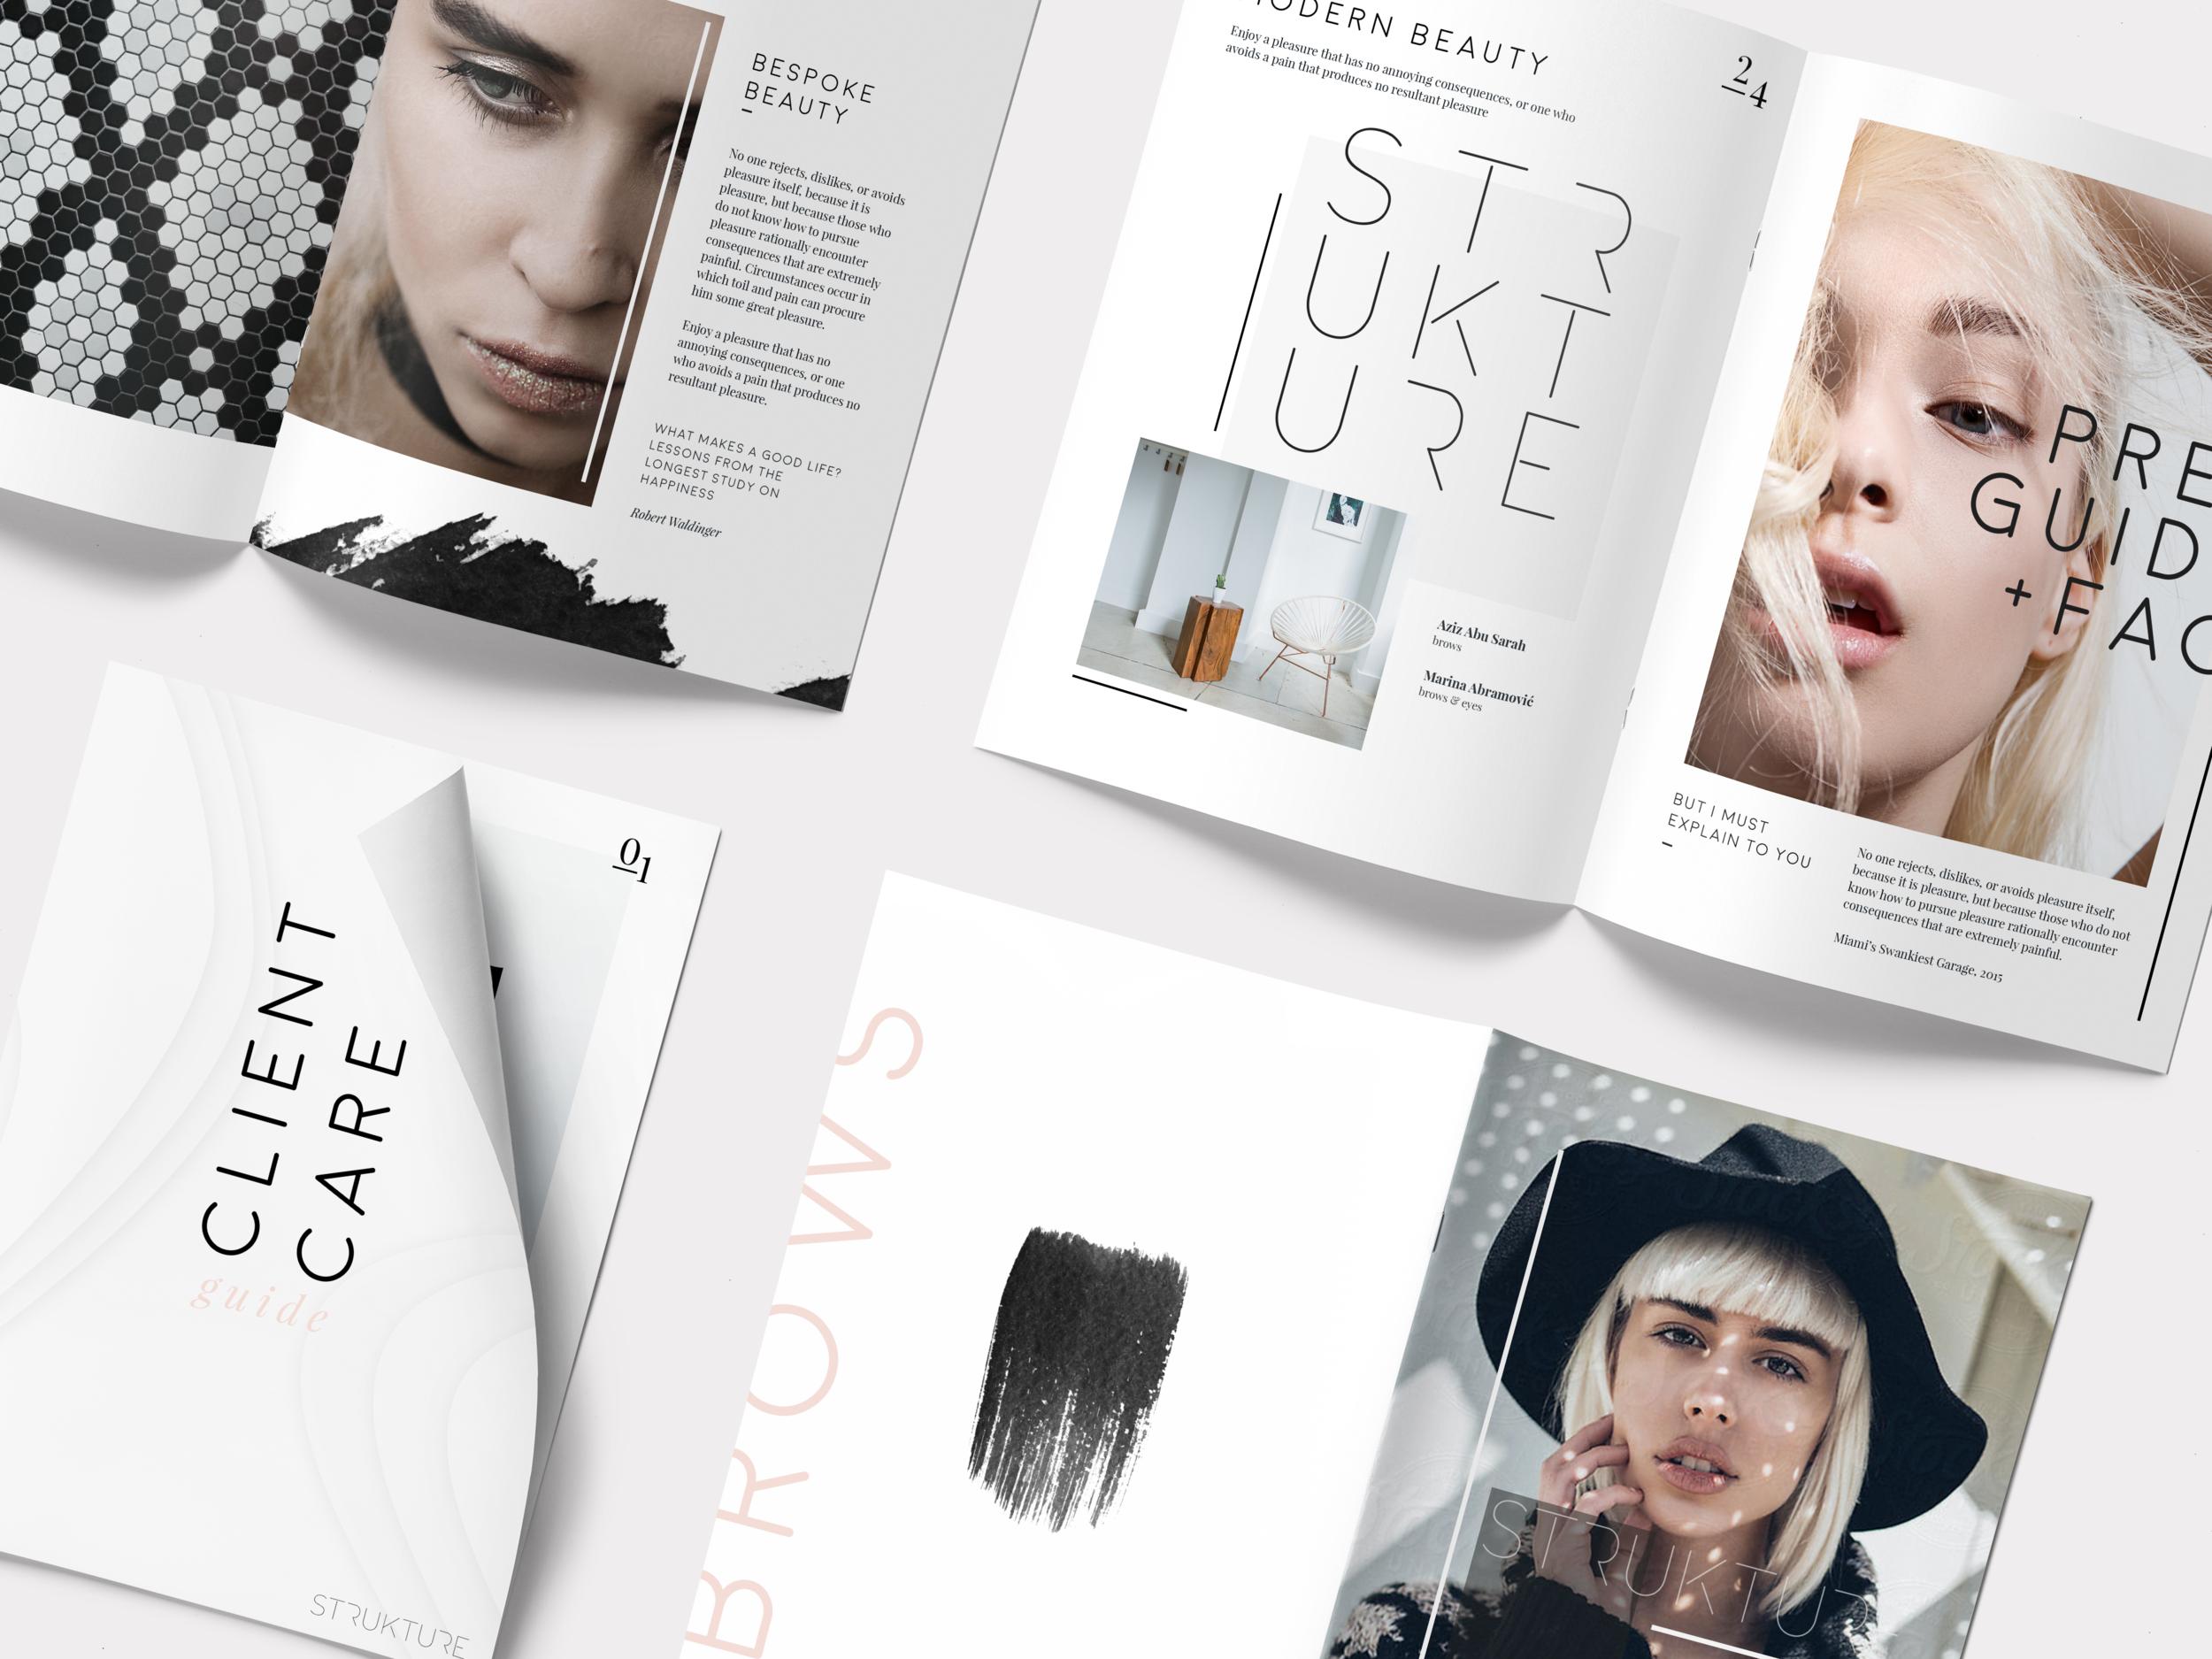 brand identity, logo design & collateral for entrepreneurs